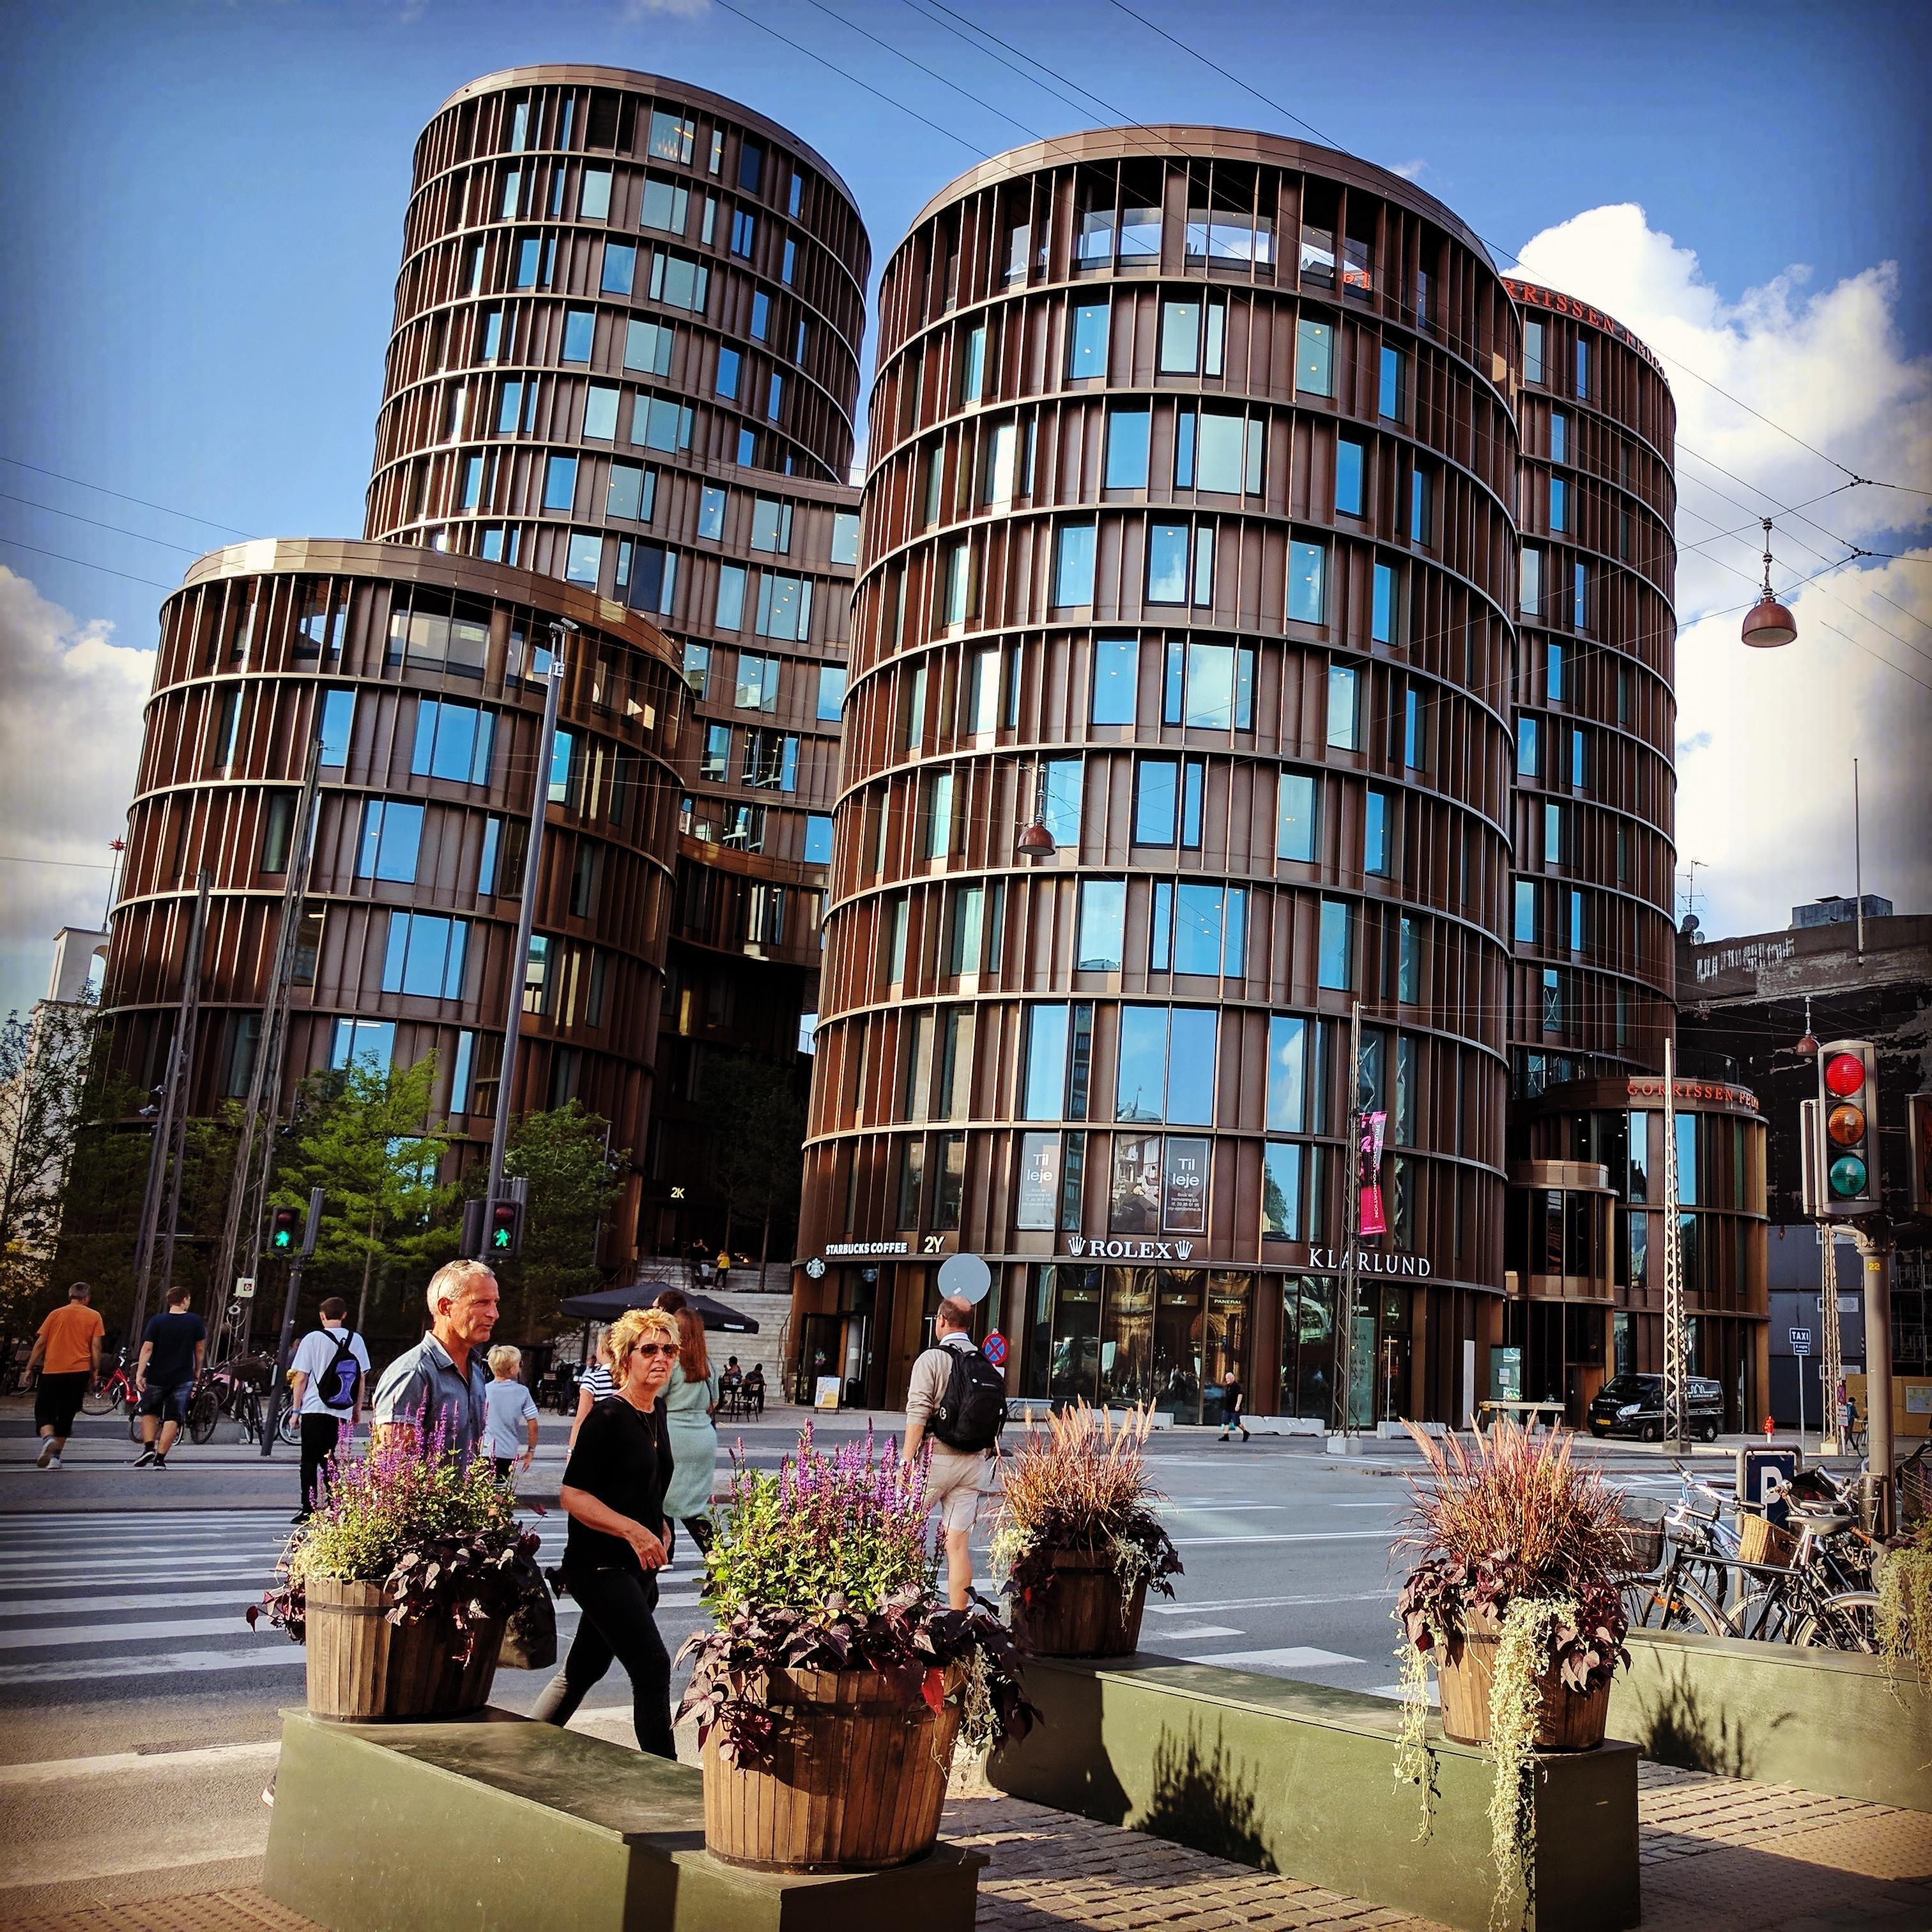 The Axel Towers Near the Tivoli in Copenhagen ...